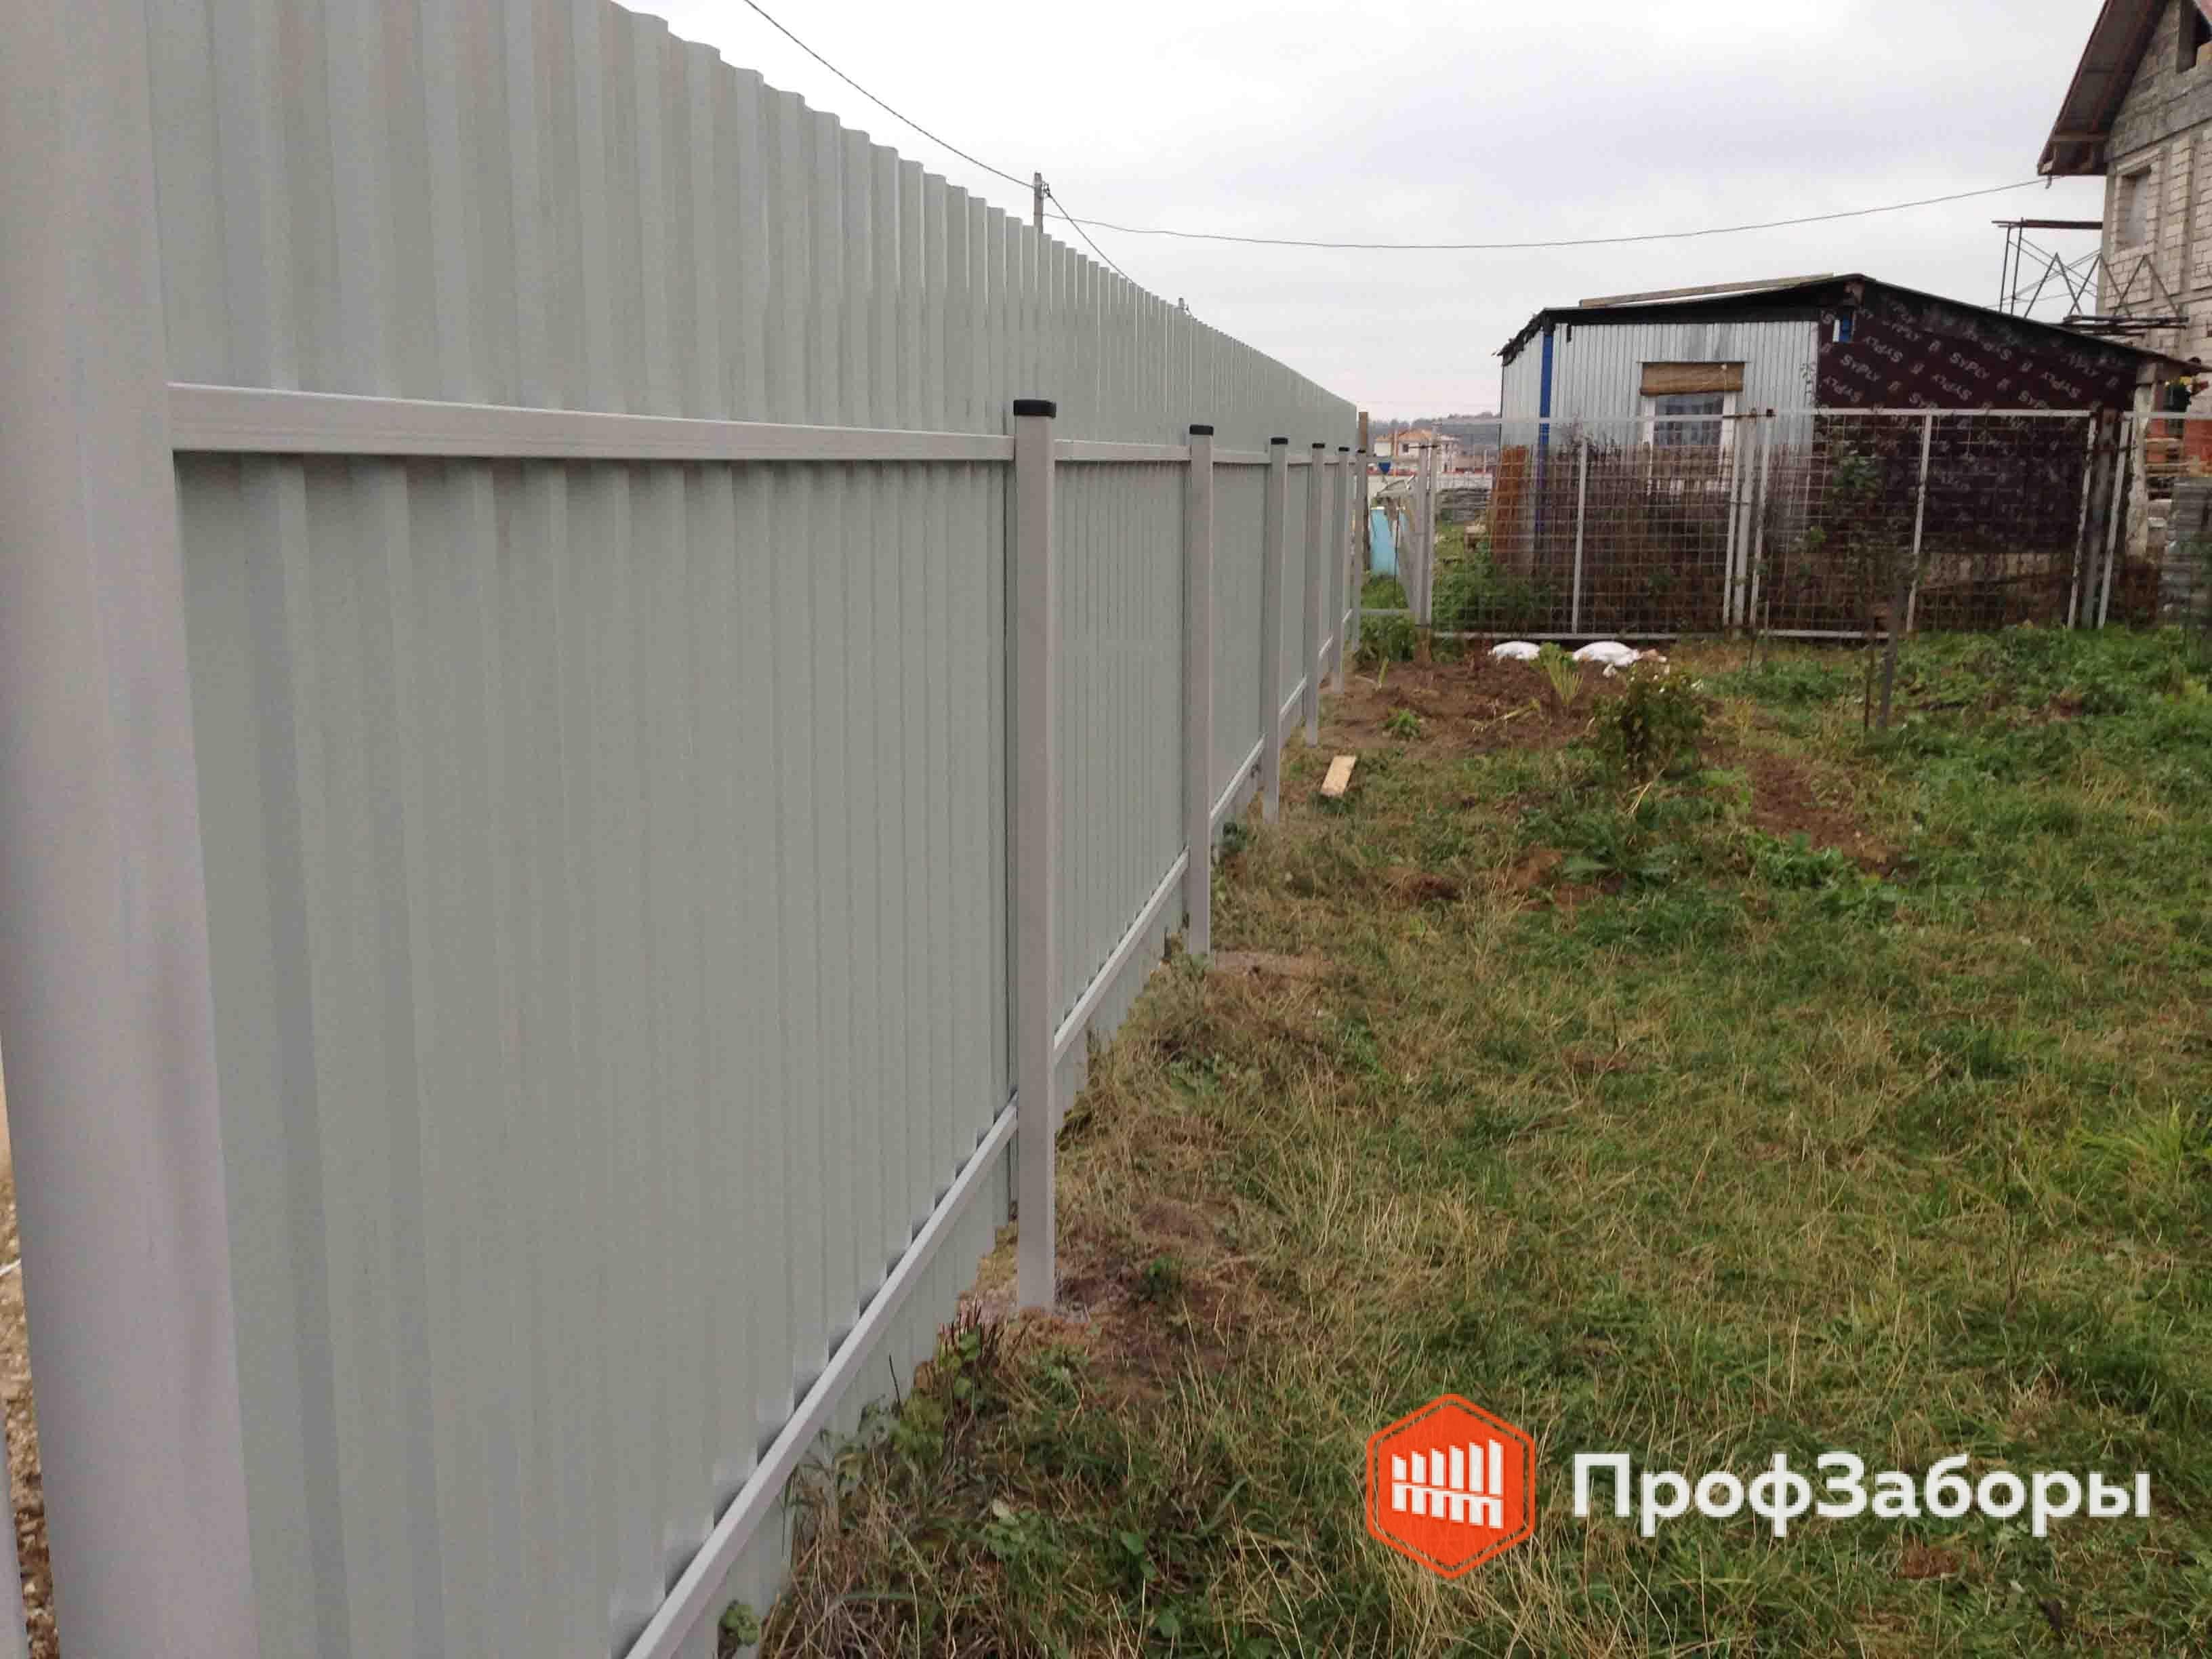 Заборы Из профнастила  - Городской округ Бронницы. Фото 2